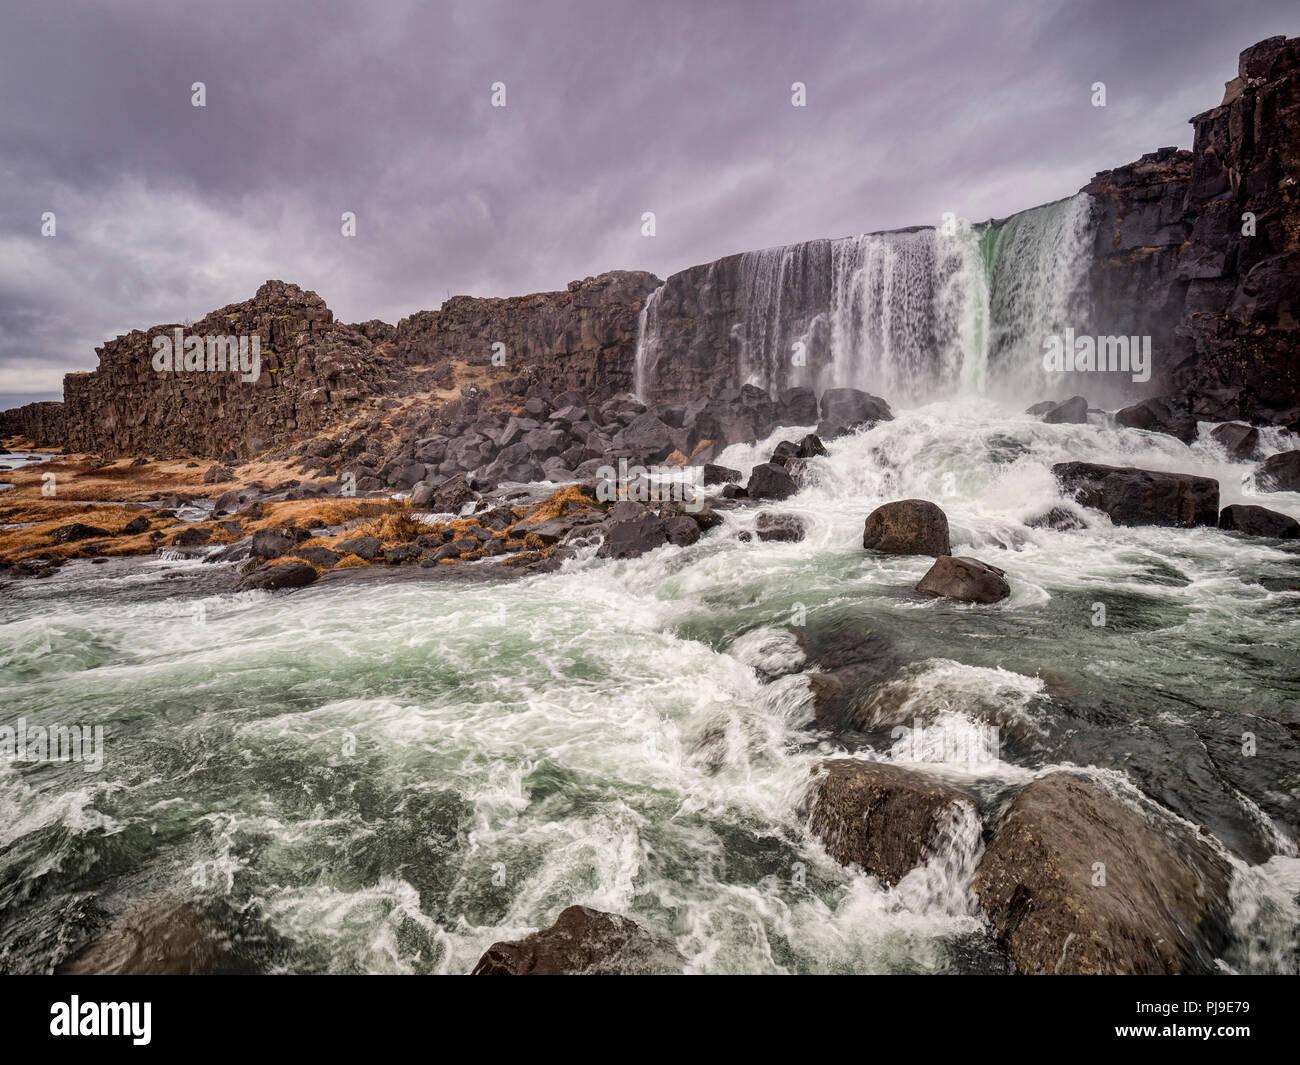 Oxararfoss Wasserfall bei Thingvellir, Island, eine der größten Attraktionen auf der Golden Circle touristische Route. Stockbild